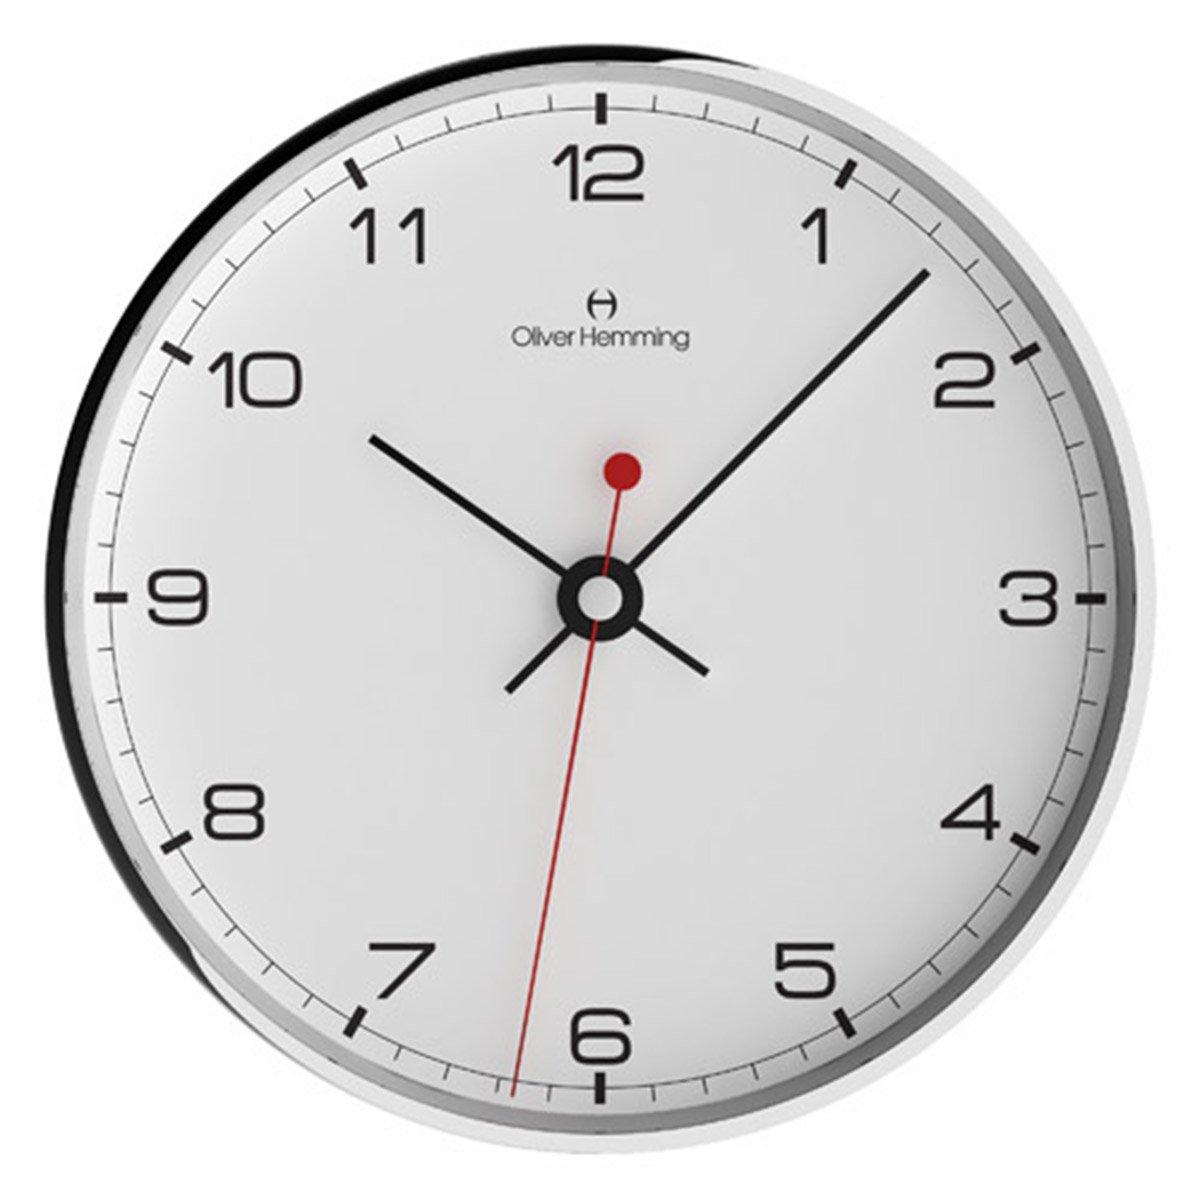 オリバーヘミング 壁掛け時計 イギリスブランド 300mm W300S5WTB [正規輸入品] B079WTHCVR